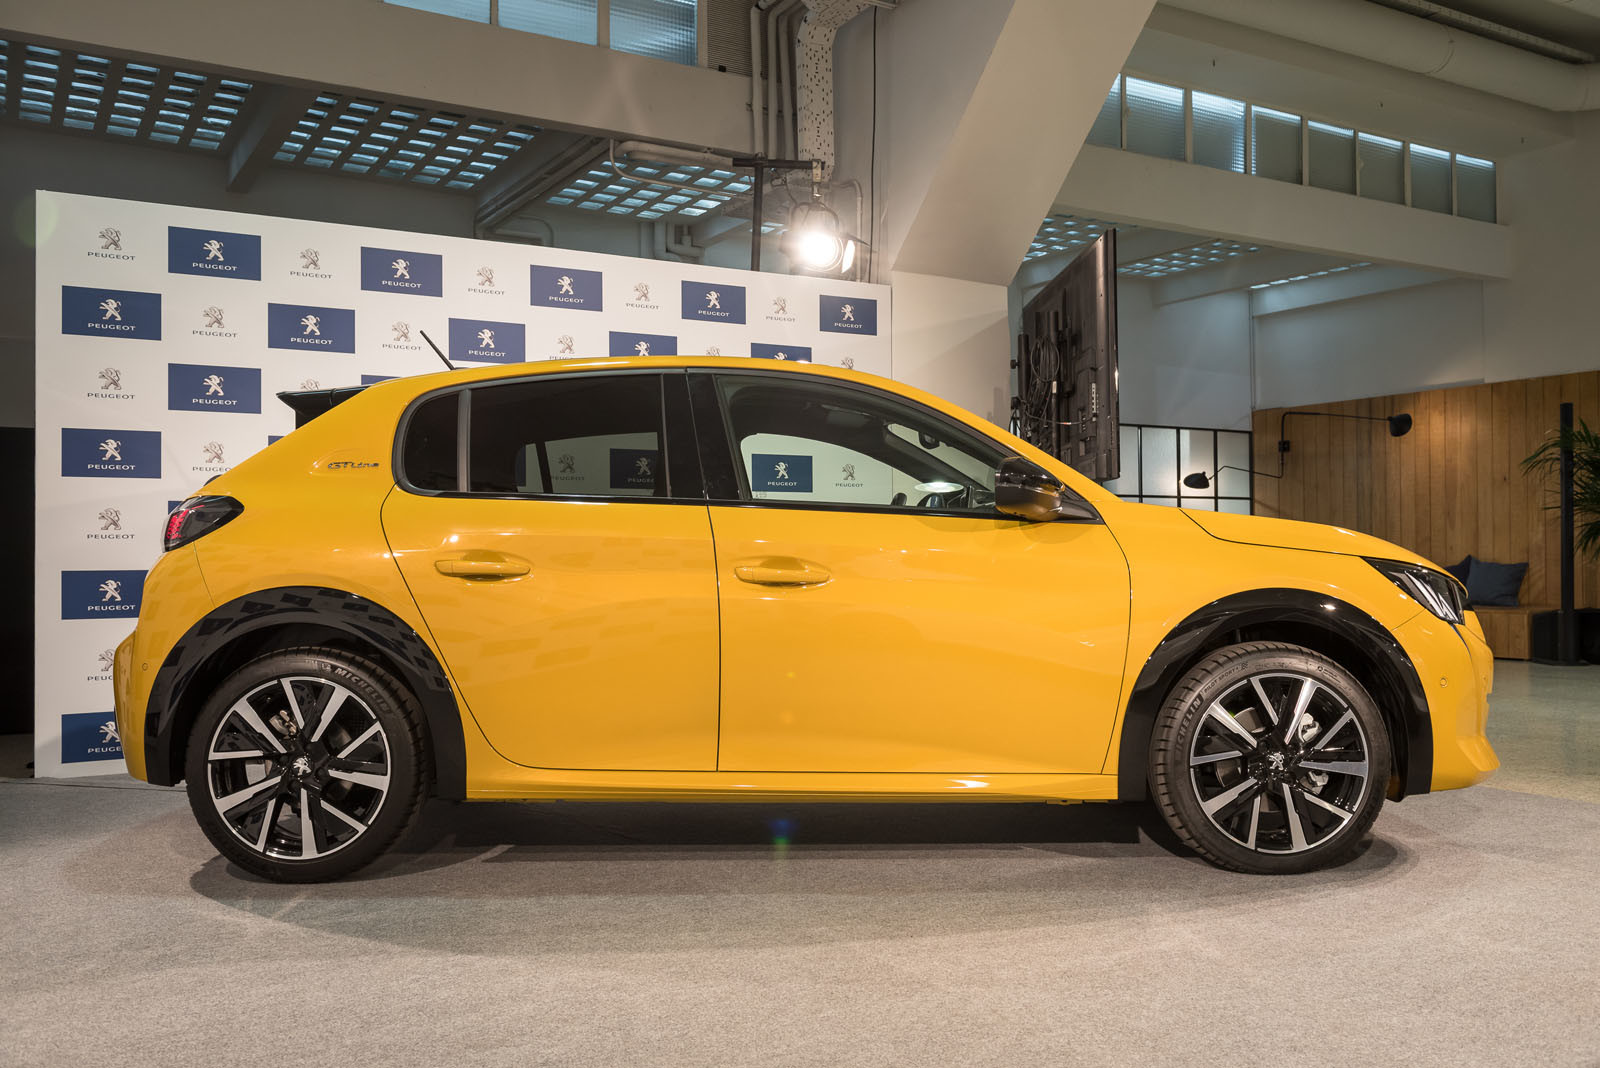 Peugeot 208 y e-208 2019 (presentación estática)